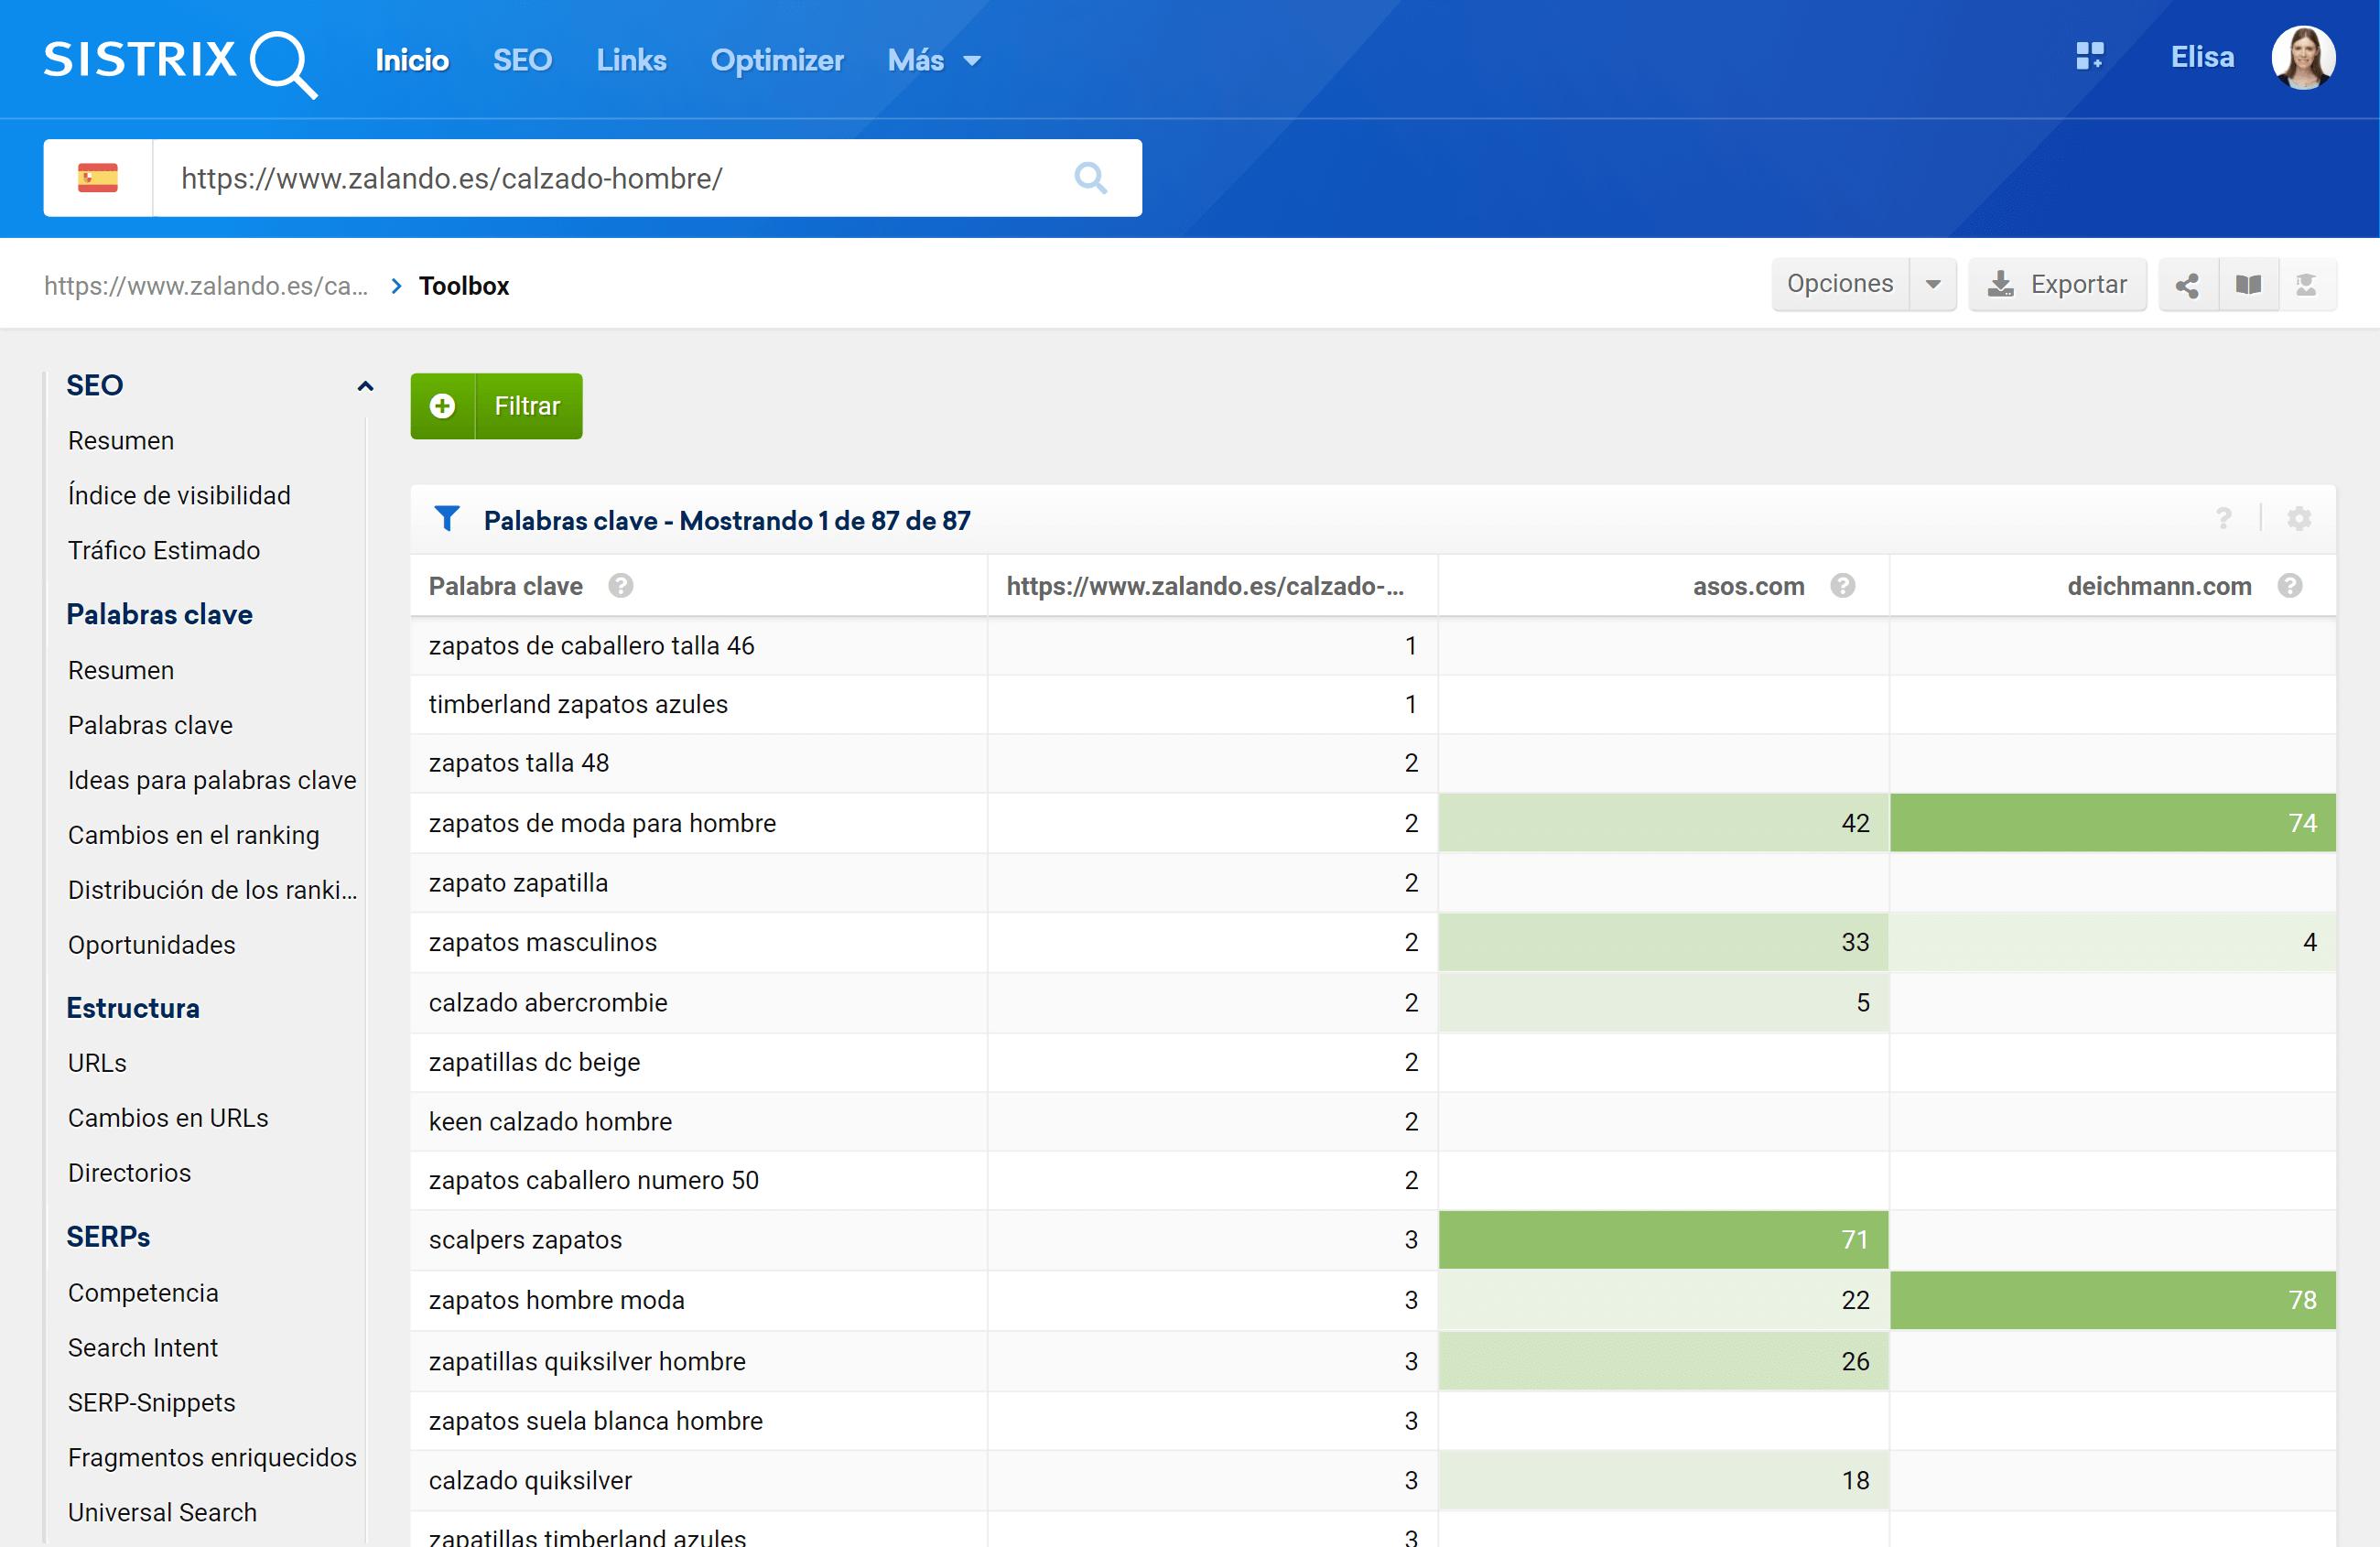 comparativa de palabras clave de un dominio con la competencia en SISTRIX